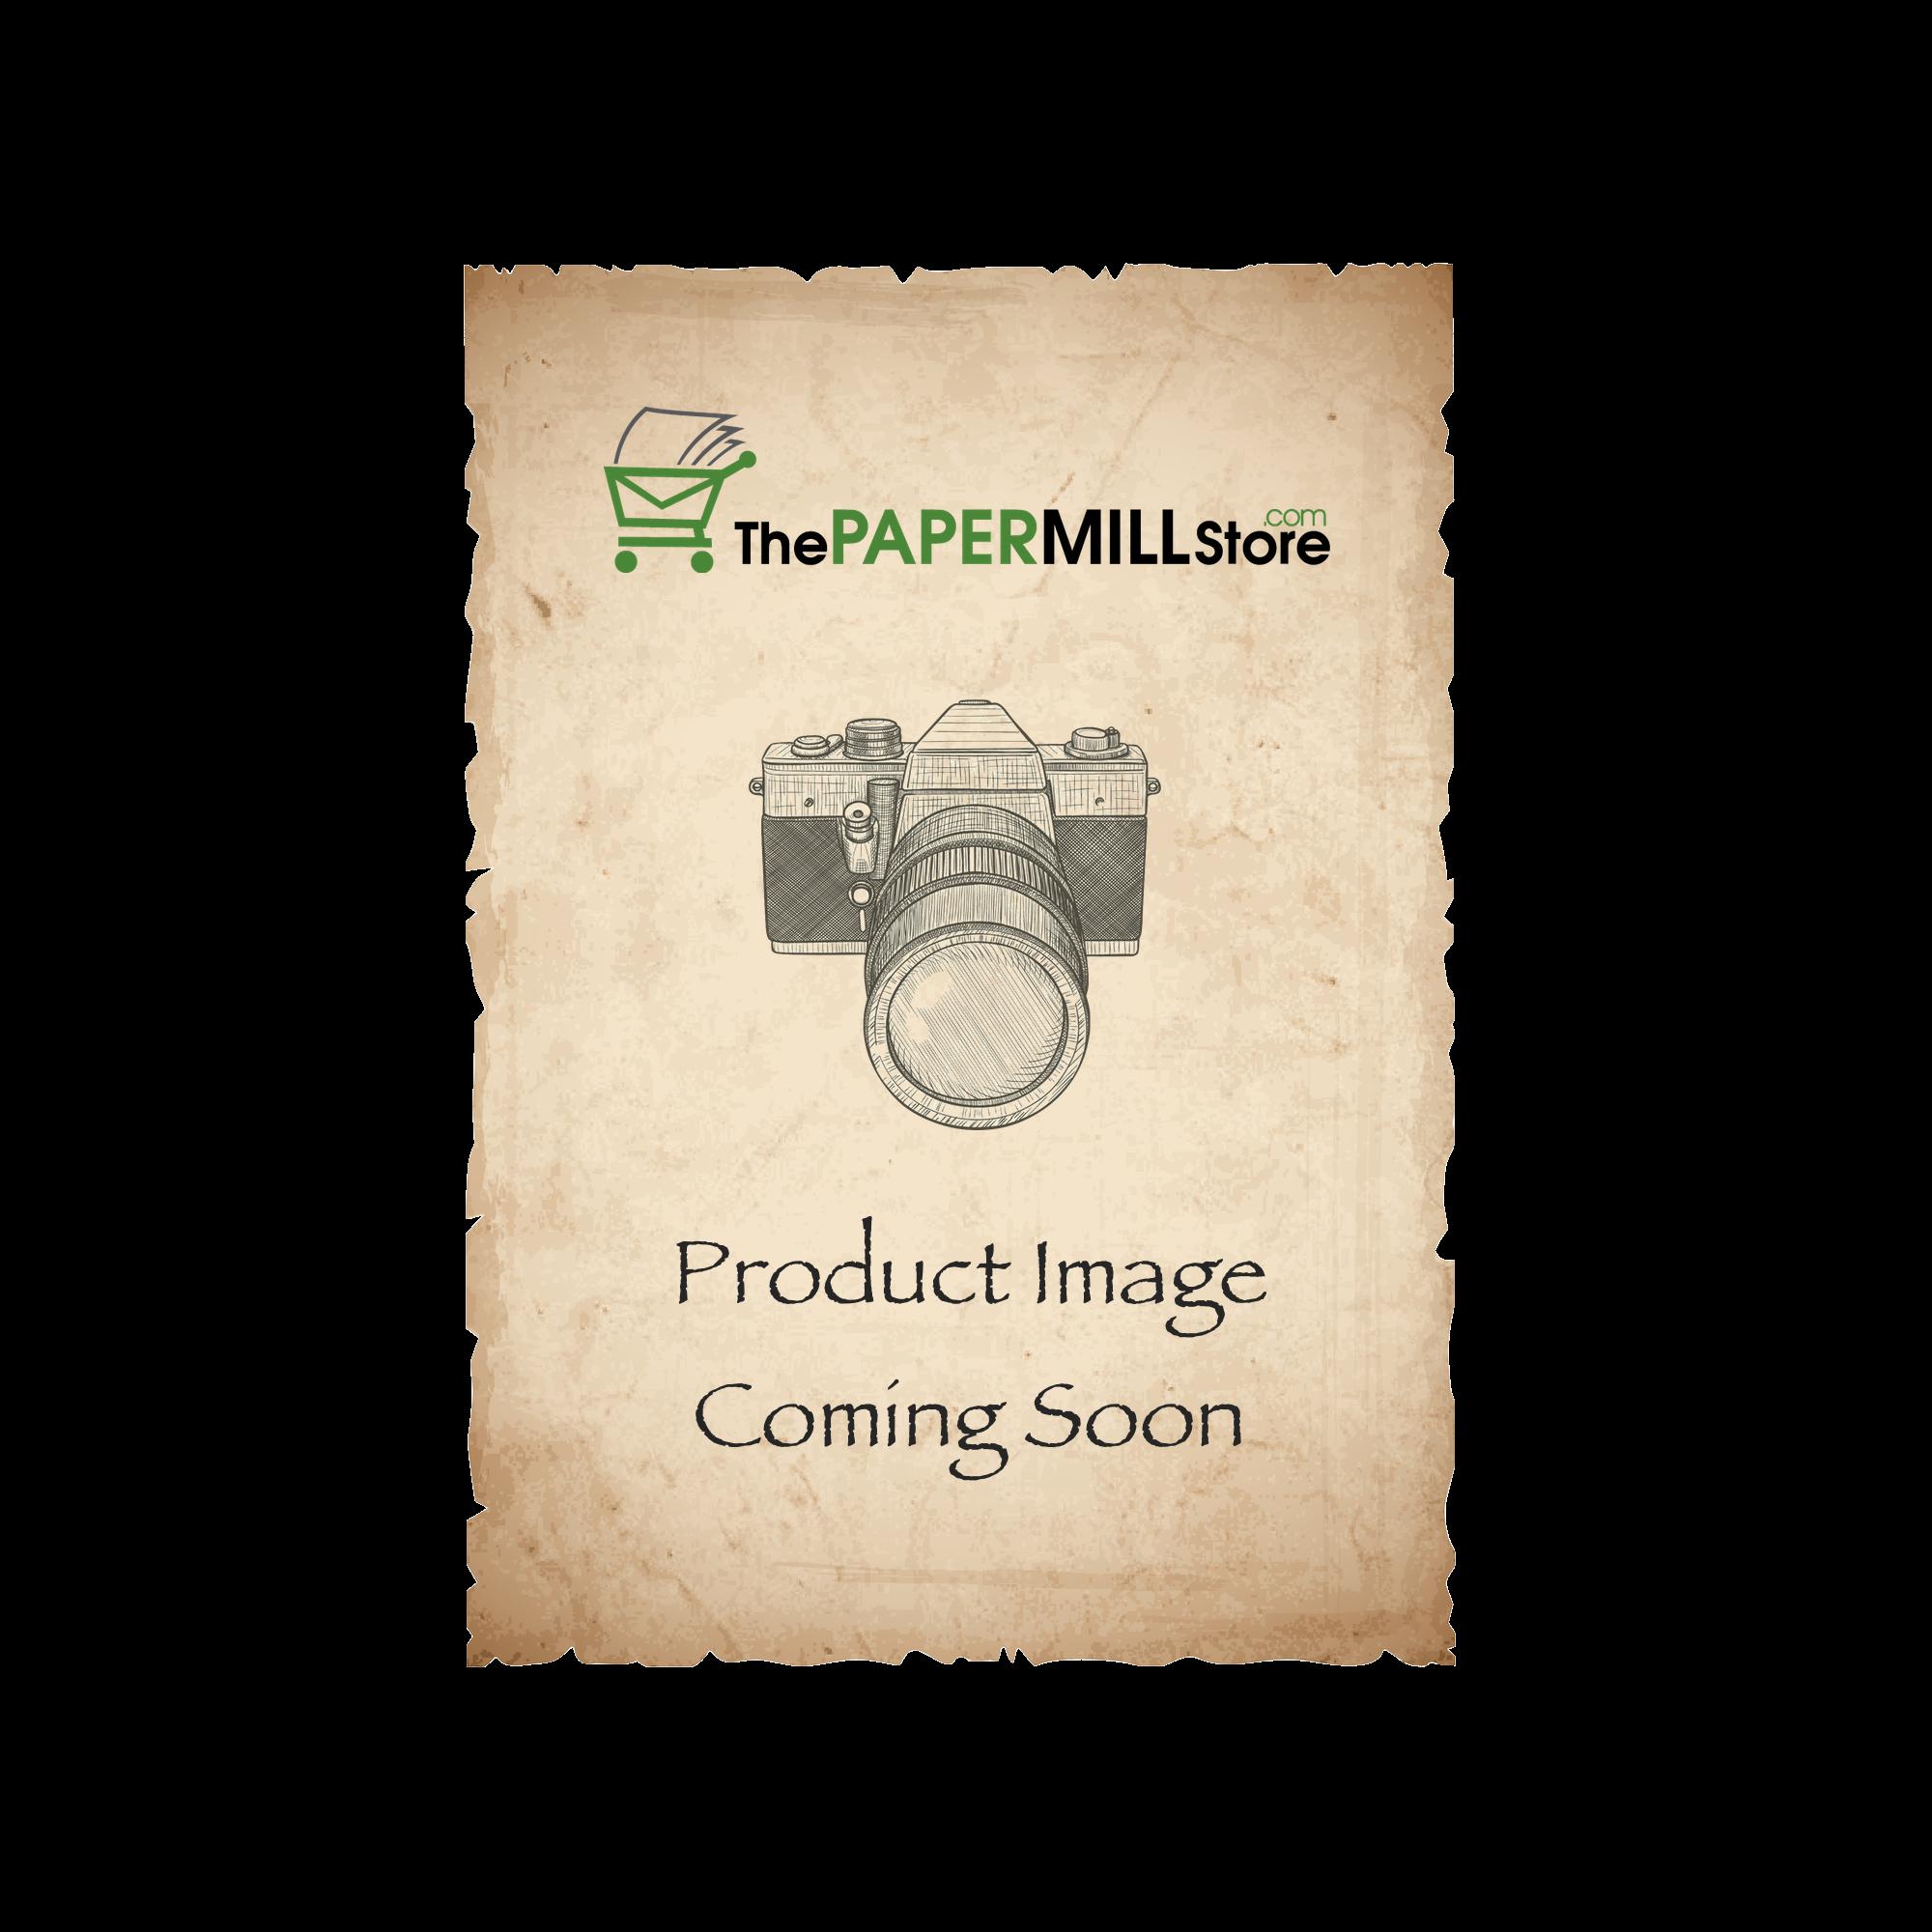 Astrobrights Vulcan Green Envelopes - A2 (4 3/8 x 5 3/4) 60 lb Text Smooth 1000 per Carton